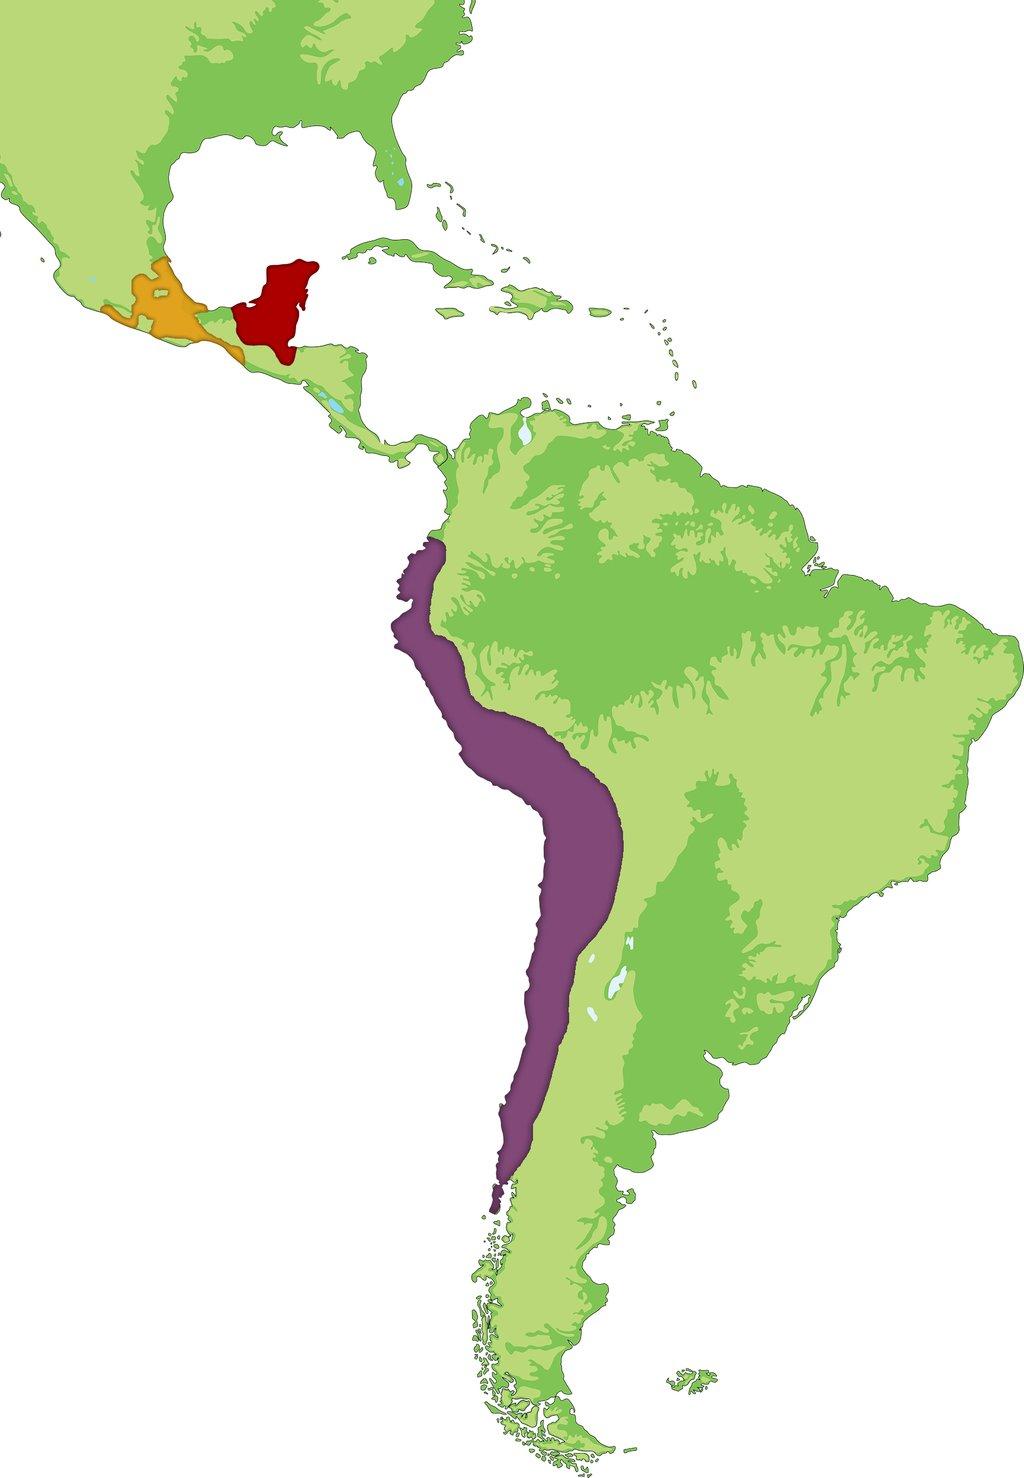 inkariket kart Mayaer, inkaer og aztekere: Lær deg forskjellen | Historienet.no inkariket kart